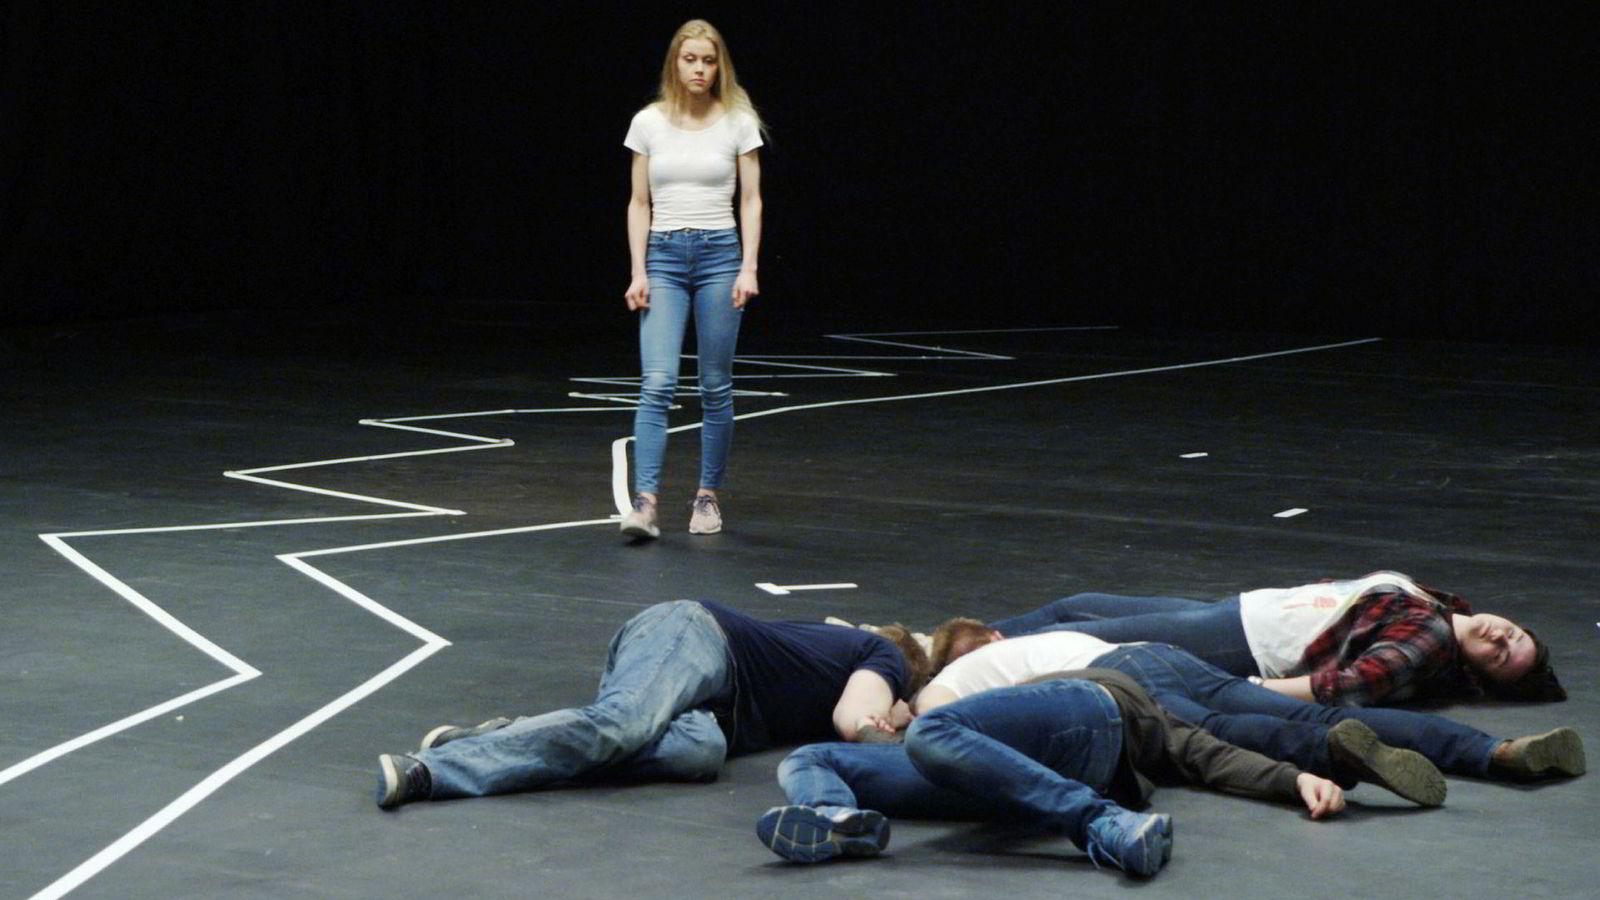 «Rekonstruksjon Utøya» lykkes med å komme tettere på ved å strippe filmen for all staffasje og la hukommelsens bearbeidelse spille hovedrollen.